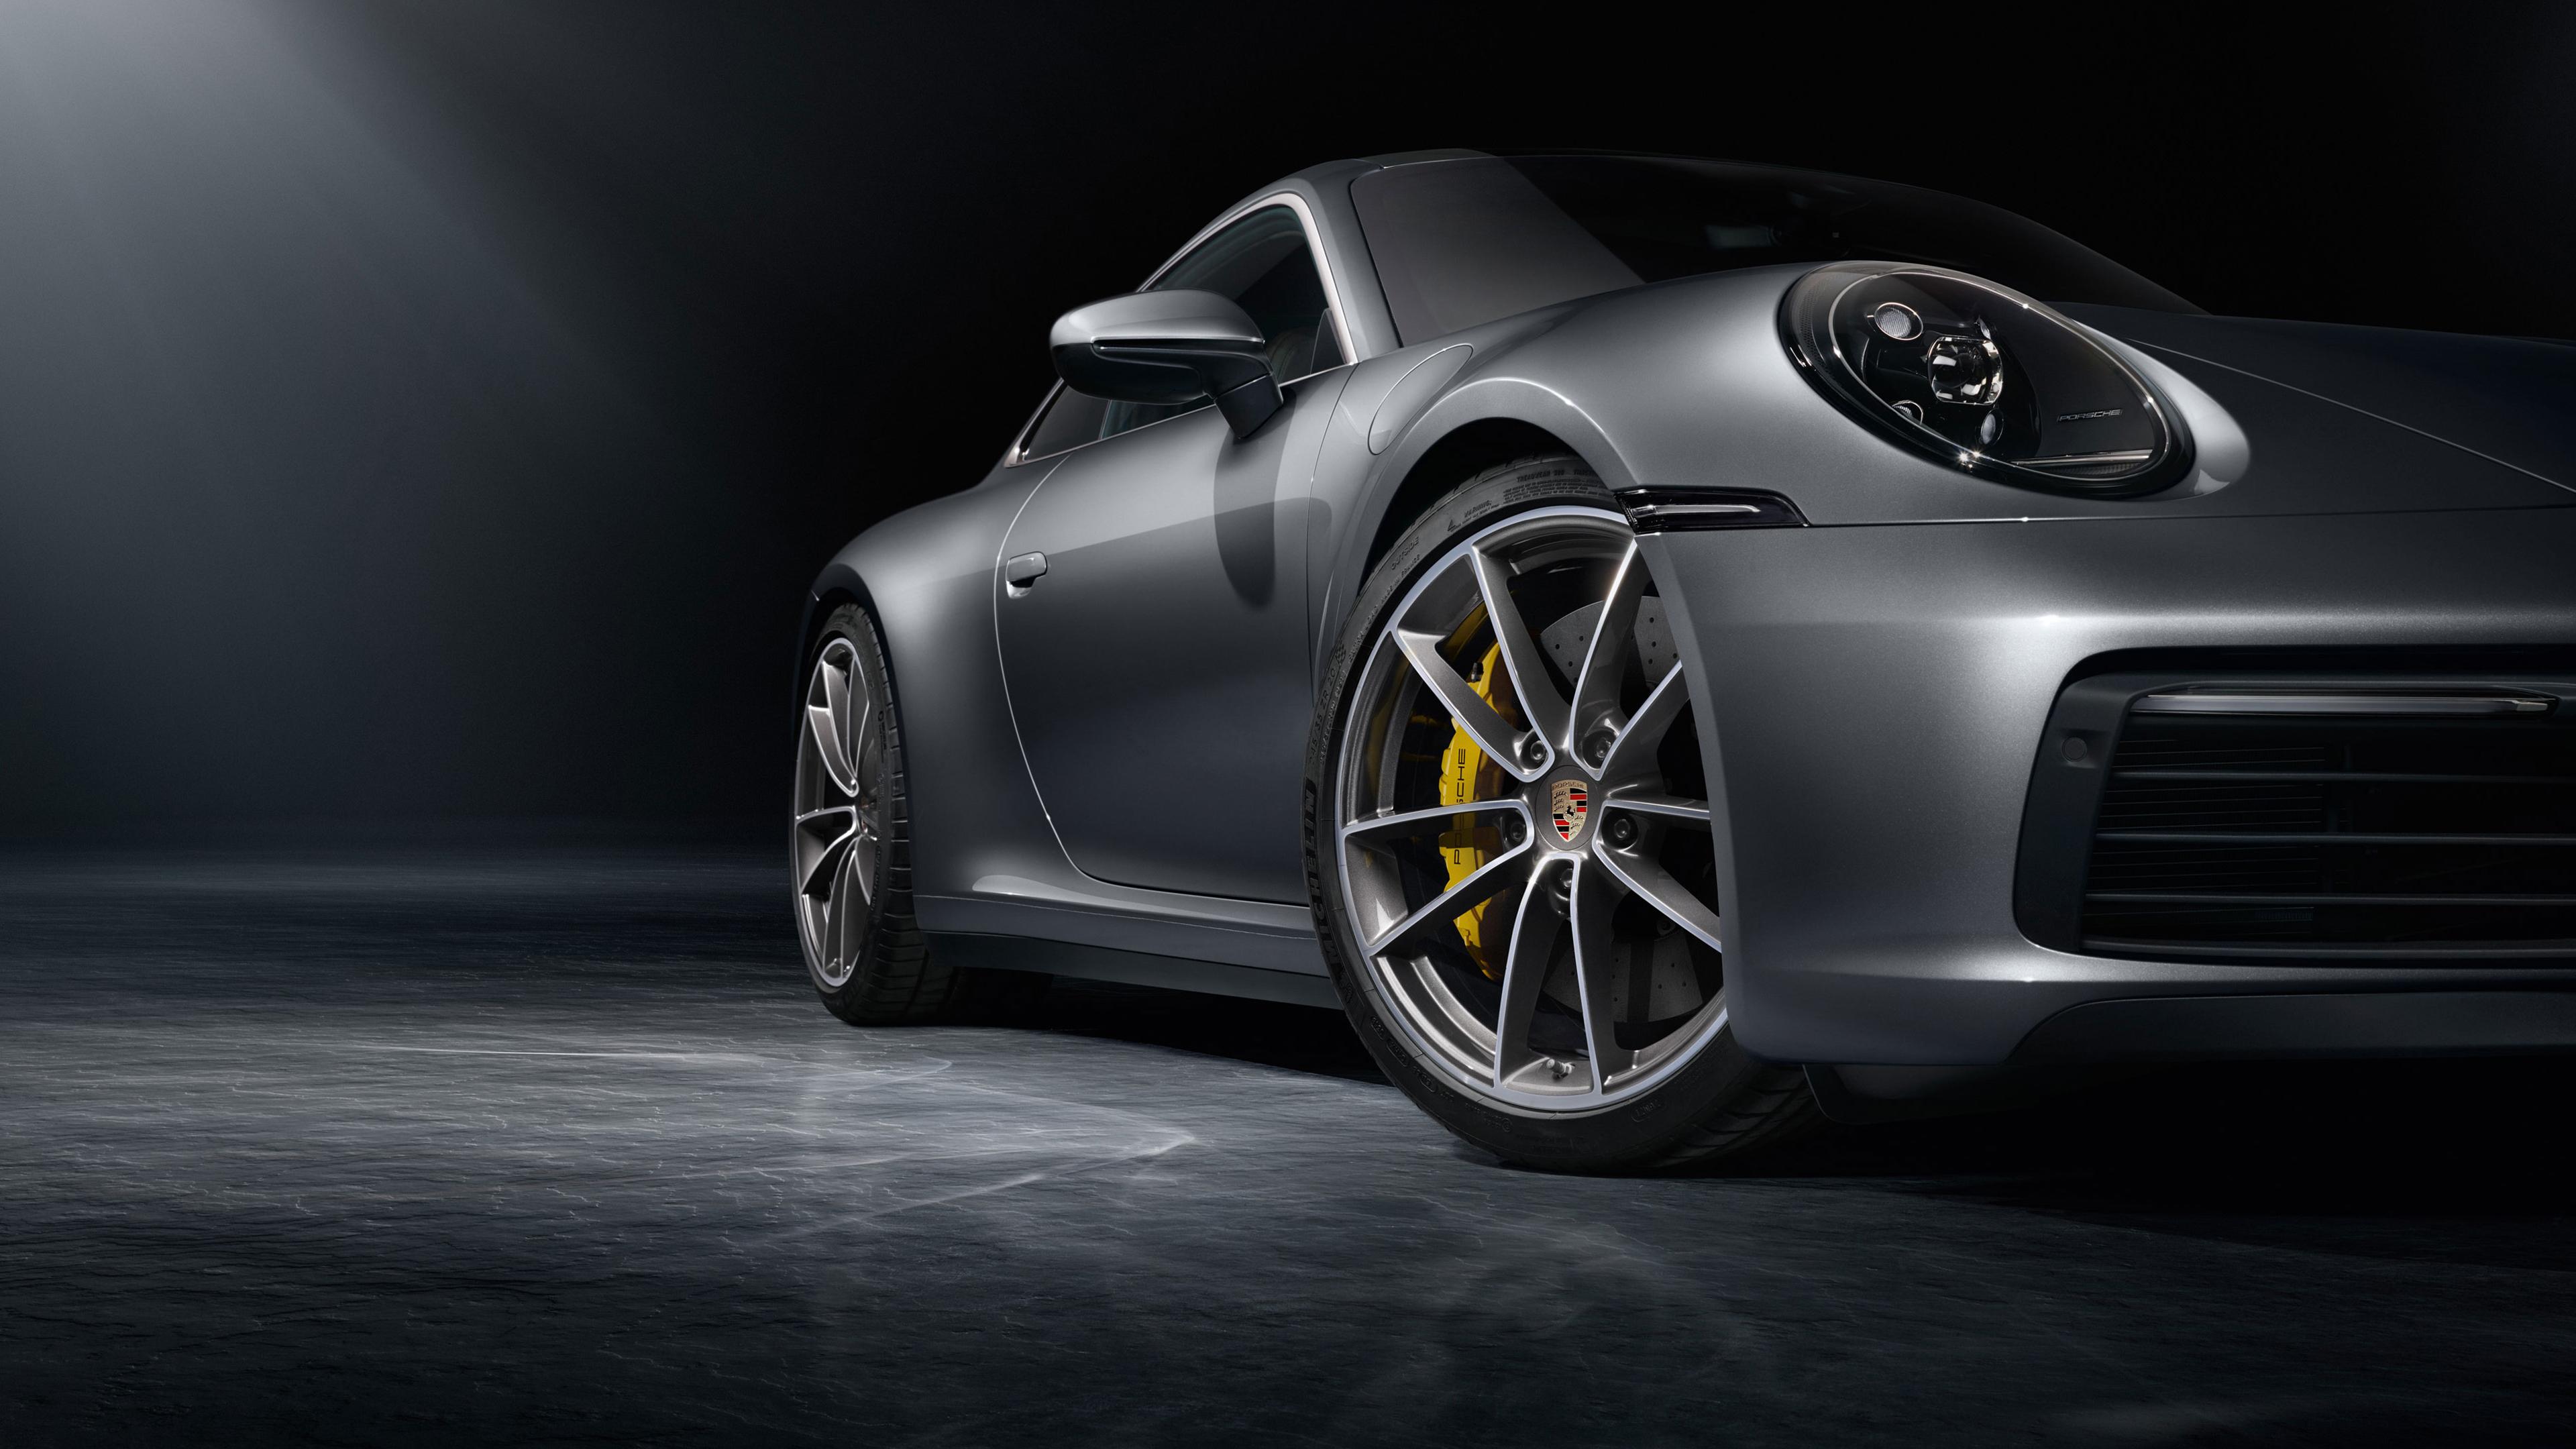 Porsche 911 Carrera S 2019 4k Wallpaper Hd Car Wallpapers Id 11623